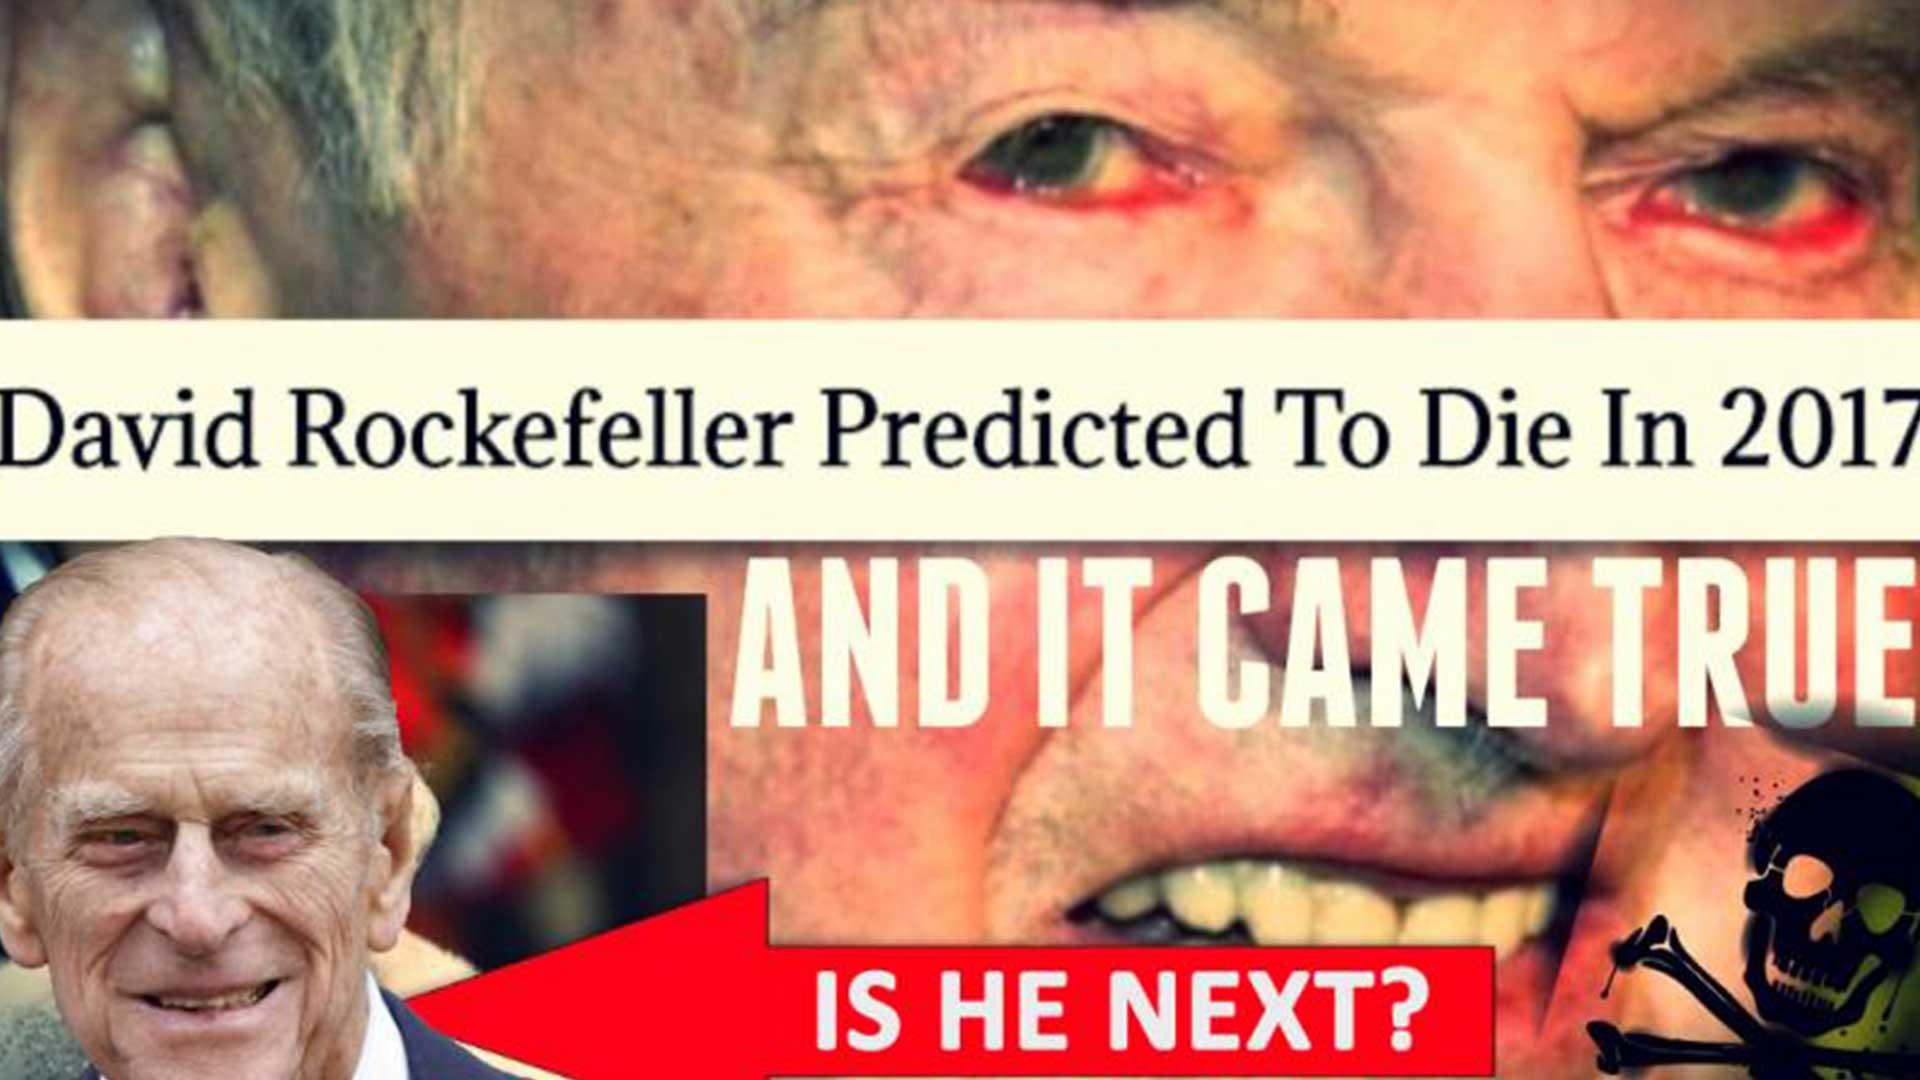 El sitio web que predijo la muerte de Rockefeller y Stephen Hawking tiene sombrías predicciones para el resto del año